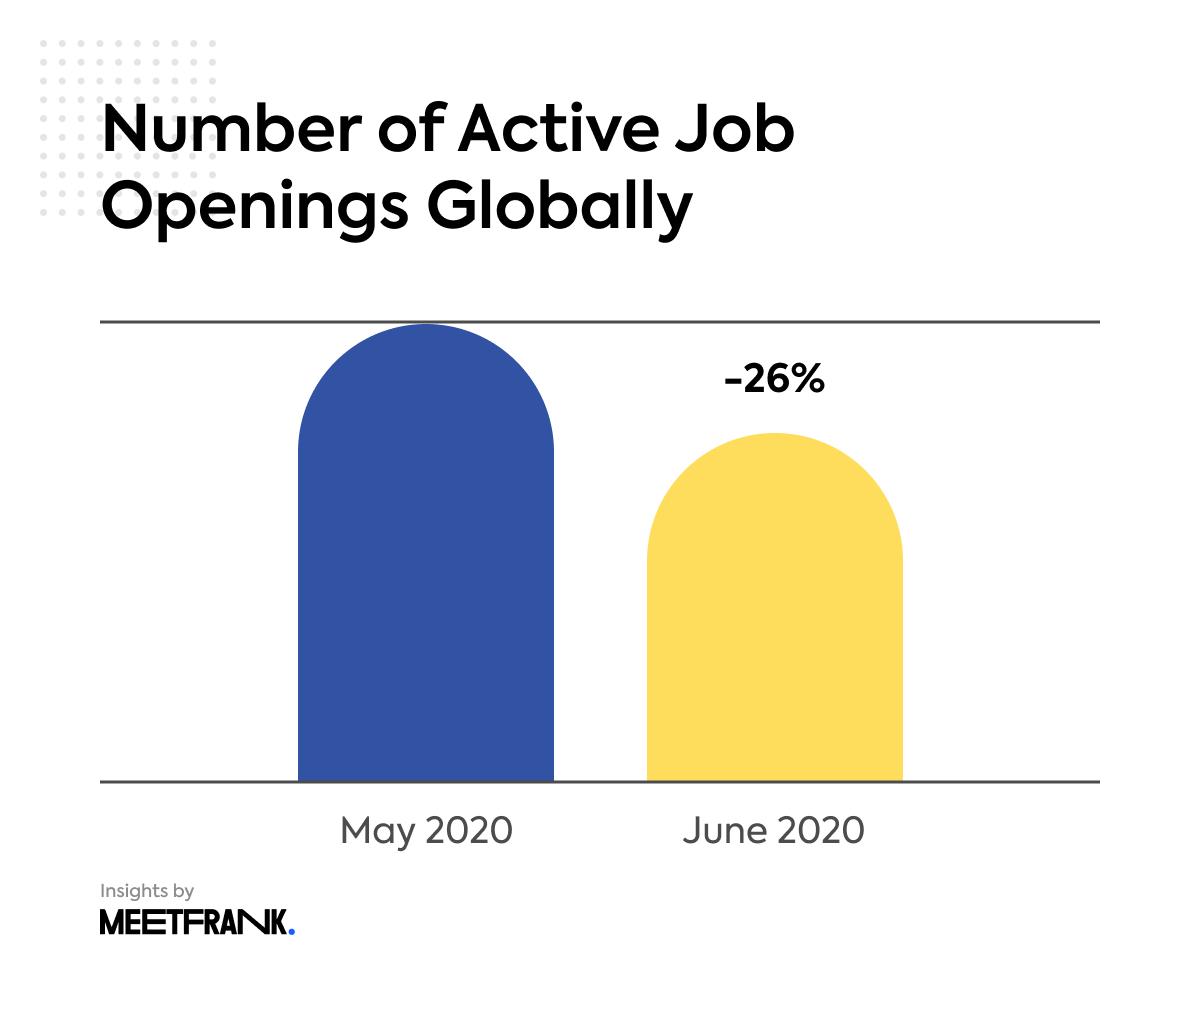 global active job openings